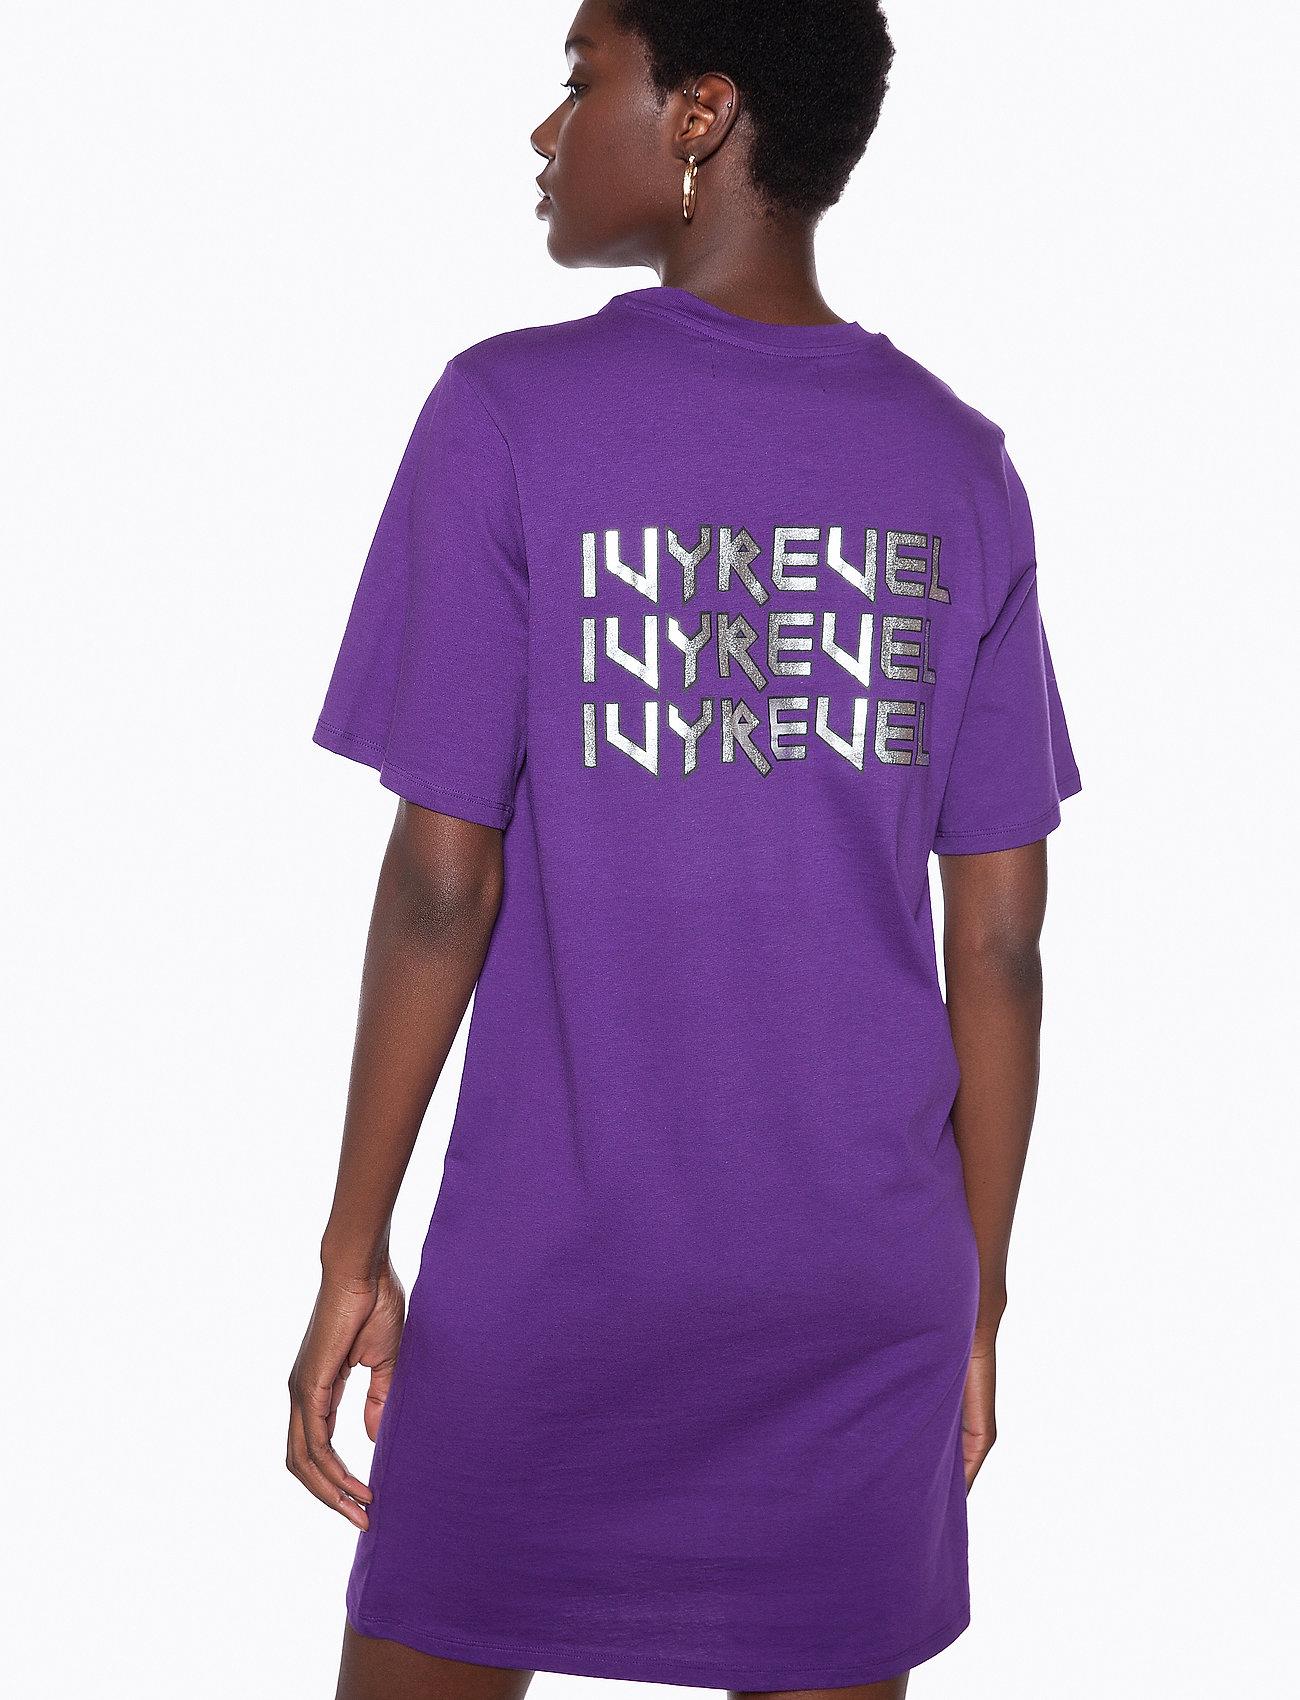 Ivyrevel - IVY TSHIRT DRESS - midi dresses - purple